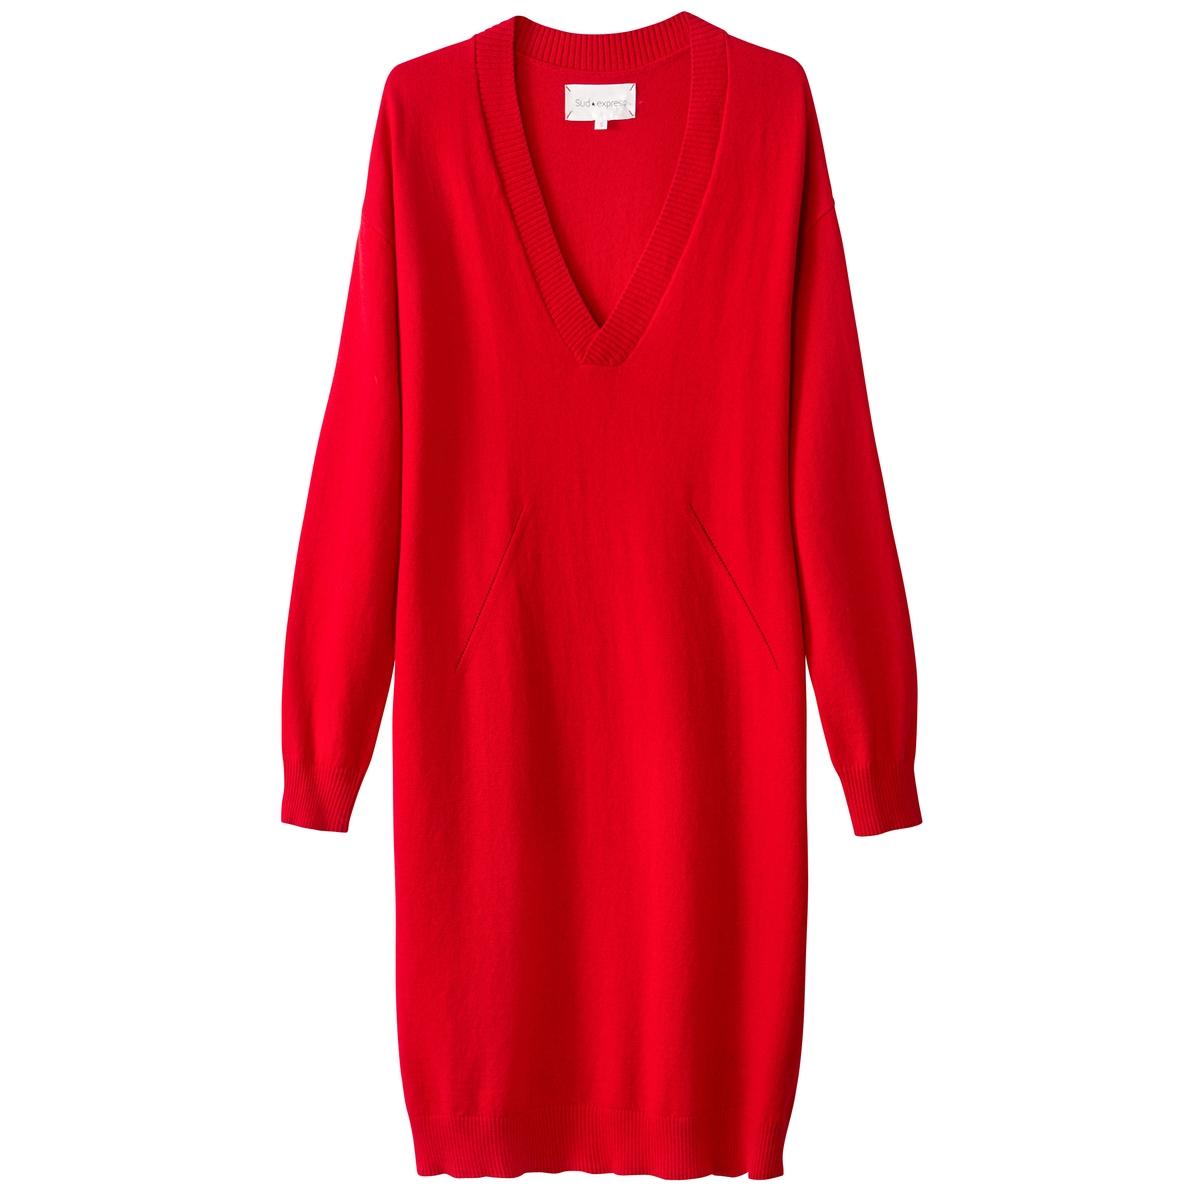 Платье-пуловер прямое с длинными рукавамиОписание:Детали  •  Форма : платье-пуловер •  Укороченная модель •  Длинные рукава    •   V-образный вырезСостав и уход  •  20% шерсти, 80% хлопка •  Следуйте советам по уходу, указанным на этикетке<br><br>Цвет: красный,черный<br>Размер: S.M.L